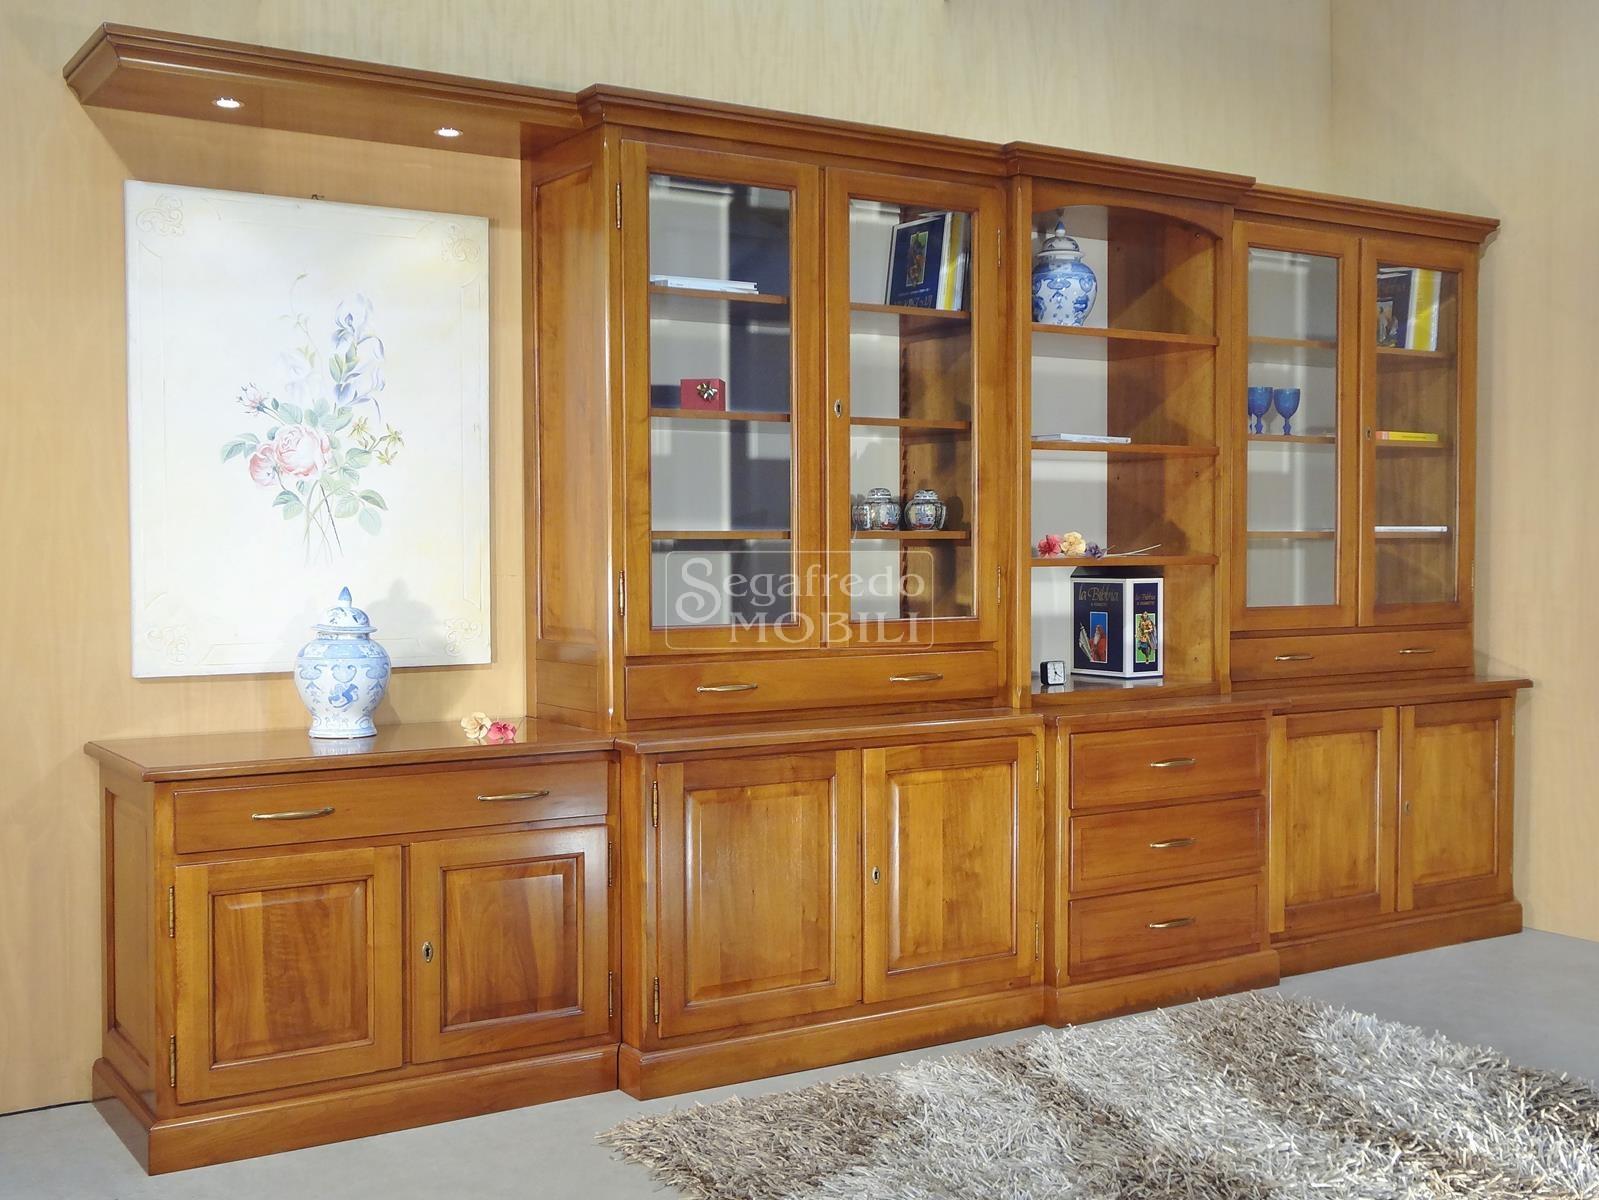 Mobile a parete libreria in legno massello mobilificio segafredo mobili arredamenti su - Mobile libreria a parete ...